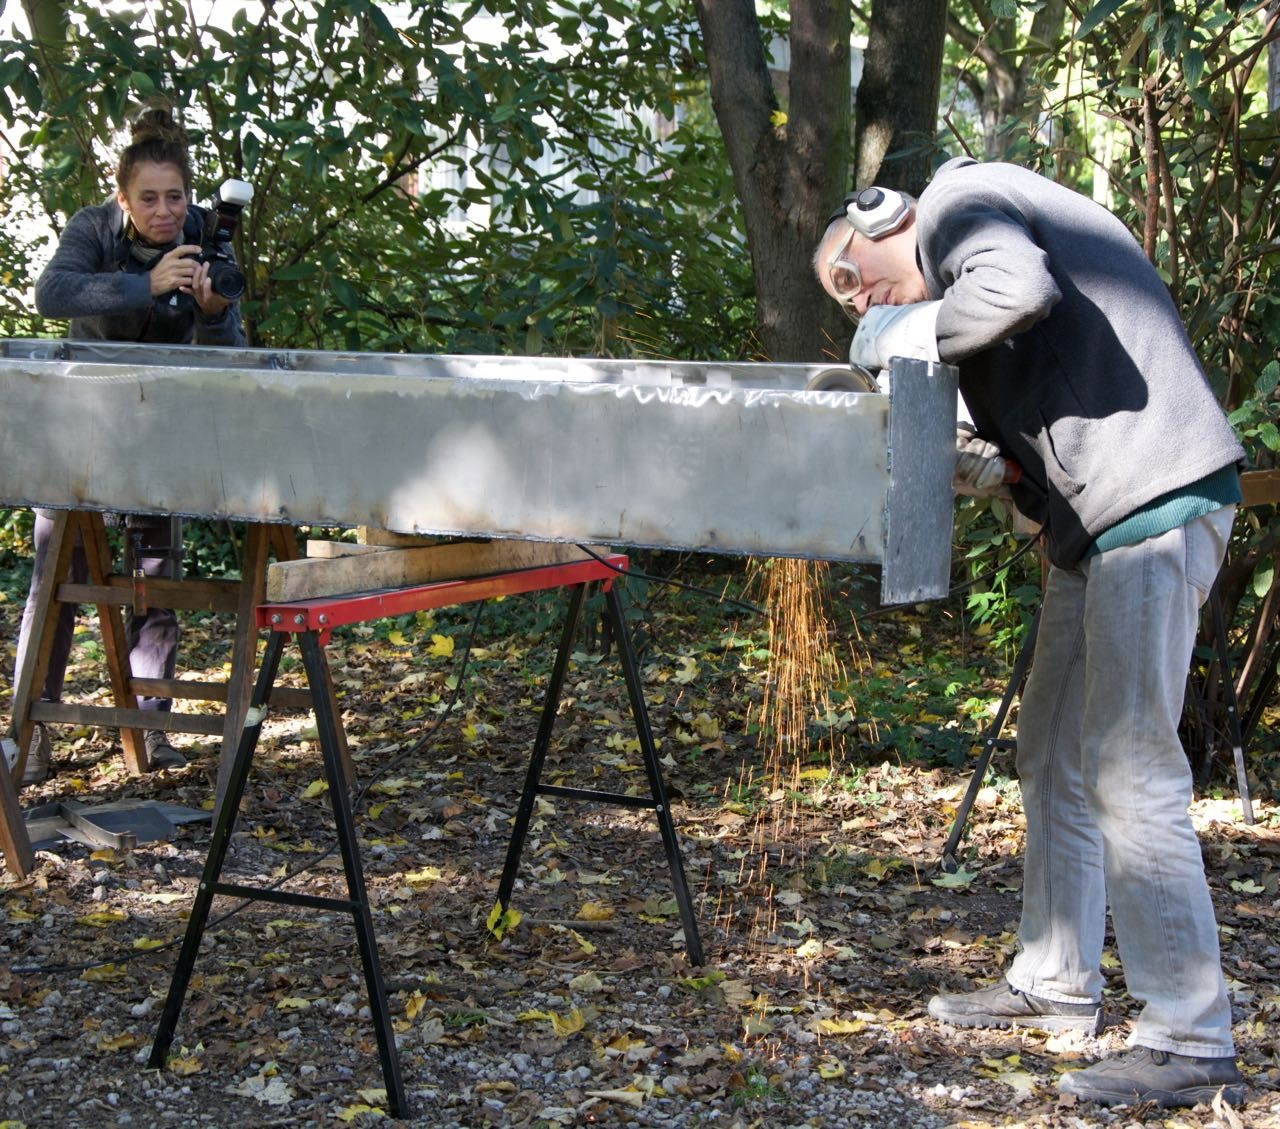 Zum Schluss: Elles Magermans begleitete das Symposium und damit die Entstehung der Bildhauerarbeiten über sechs Tage hinweg